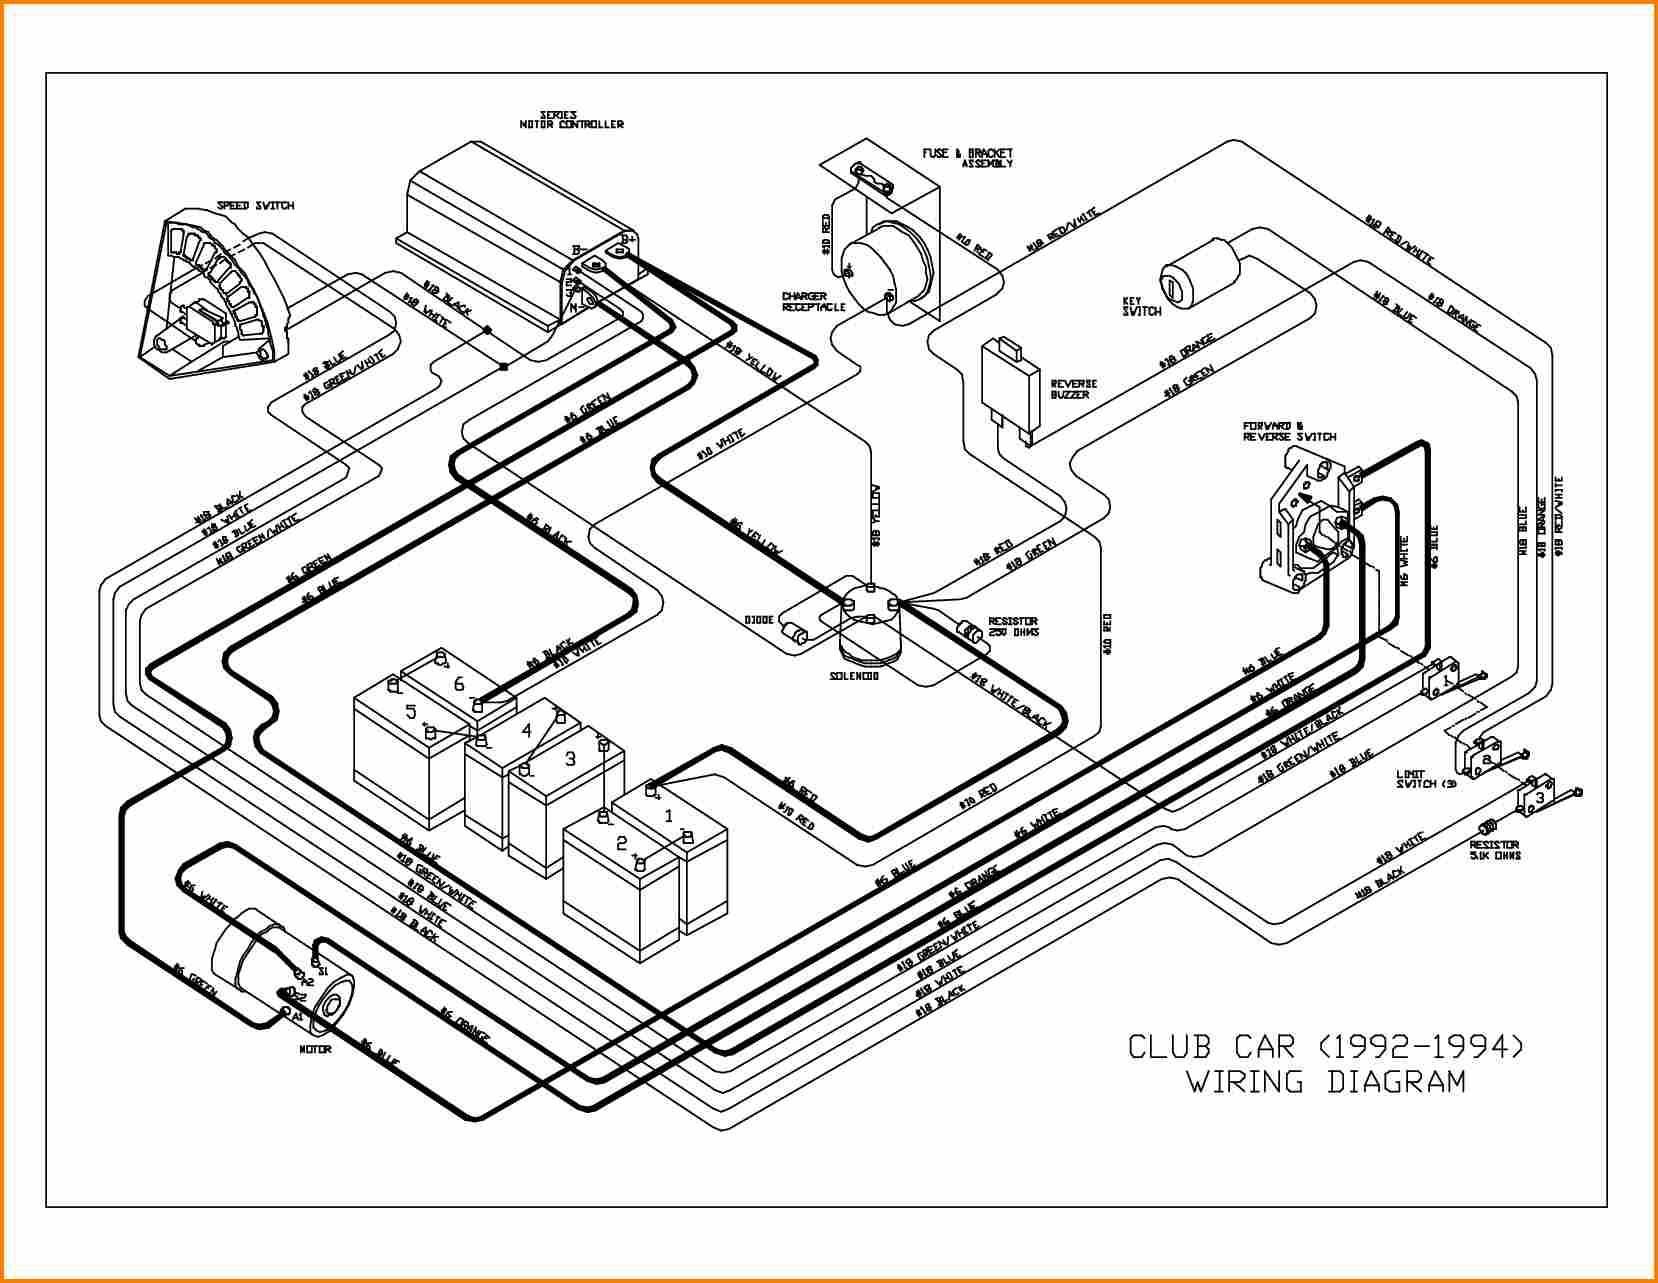 wiring diagram as well club car golf cart wiring diagram likewise rh 66 42 71 199